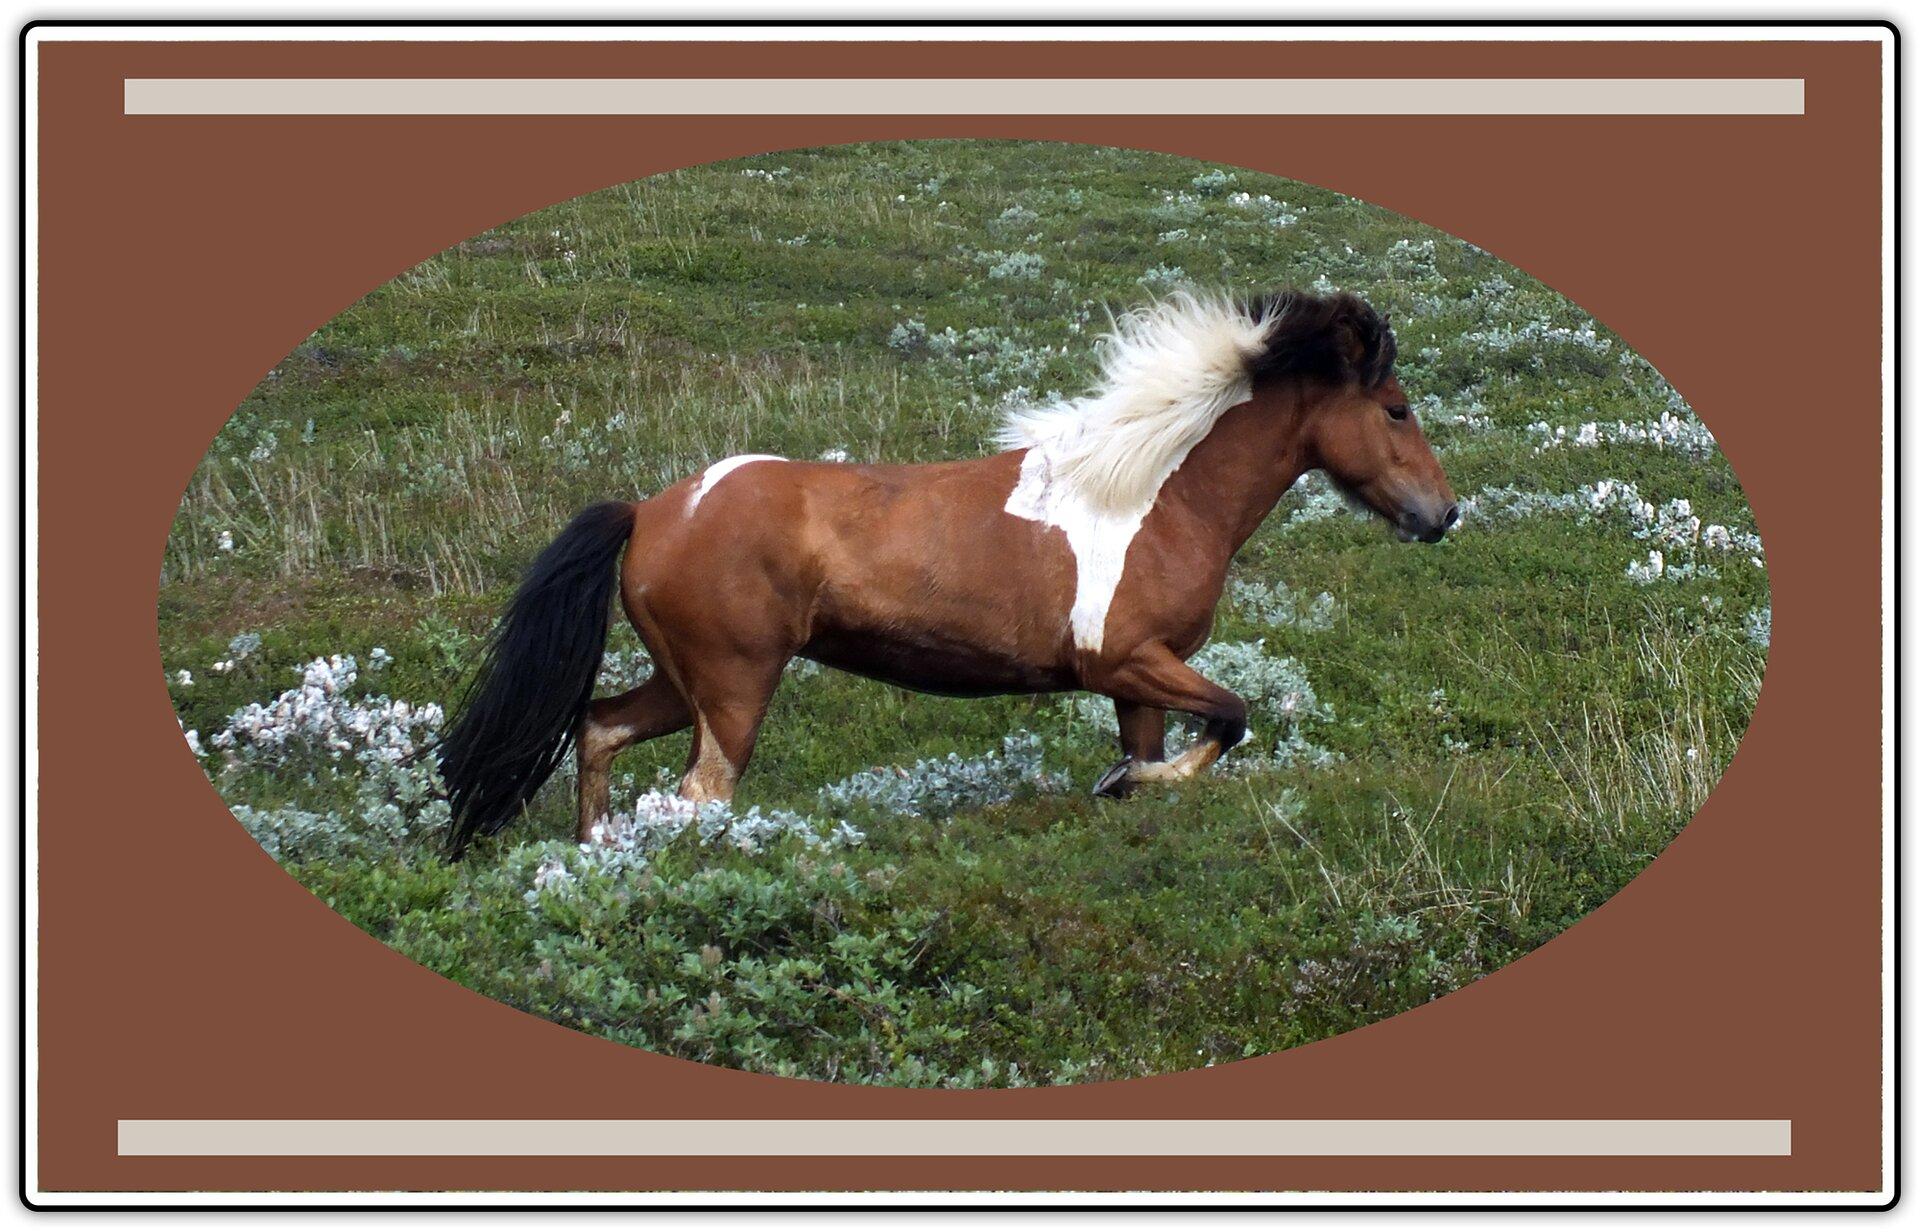 Fotografia przedstawiająca biegnącego konia po łące